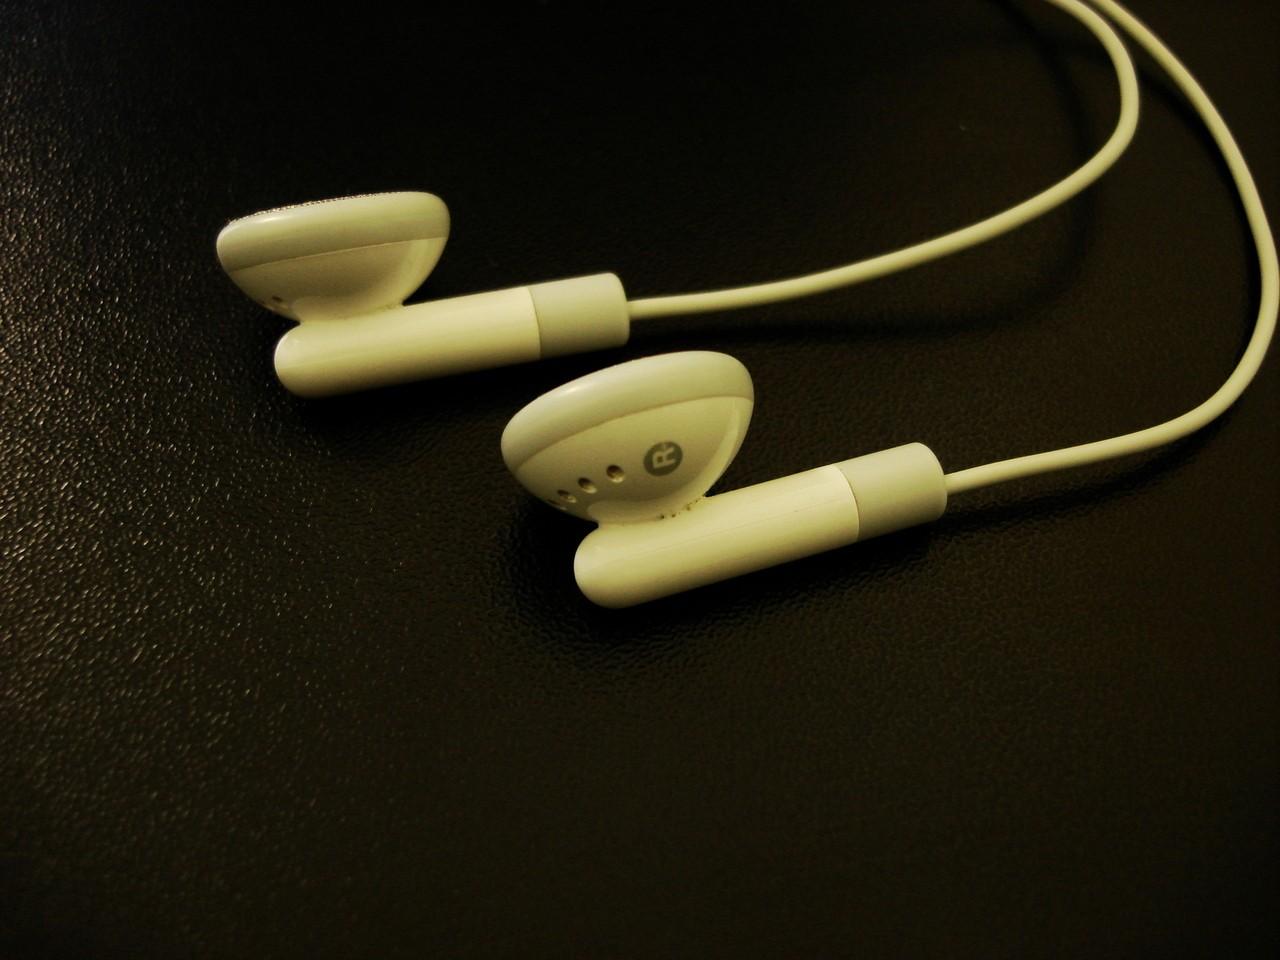 Jakie słuchawki dla biegacza będą najlepsza?